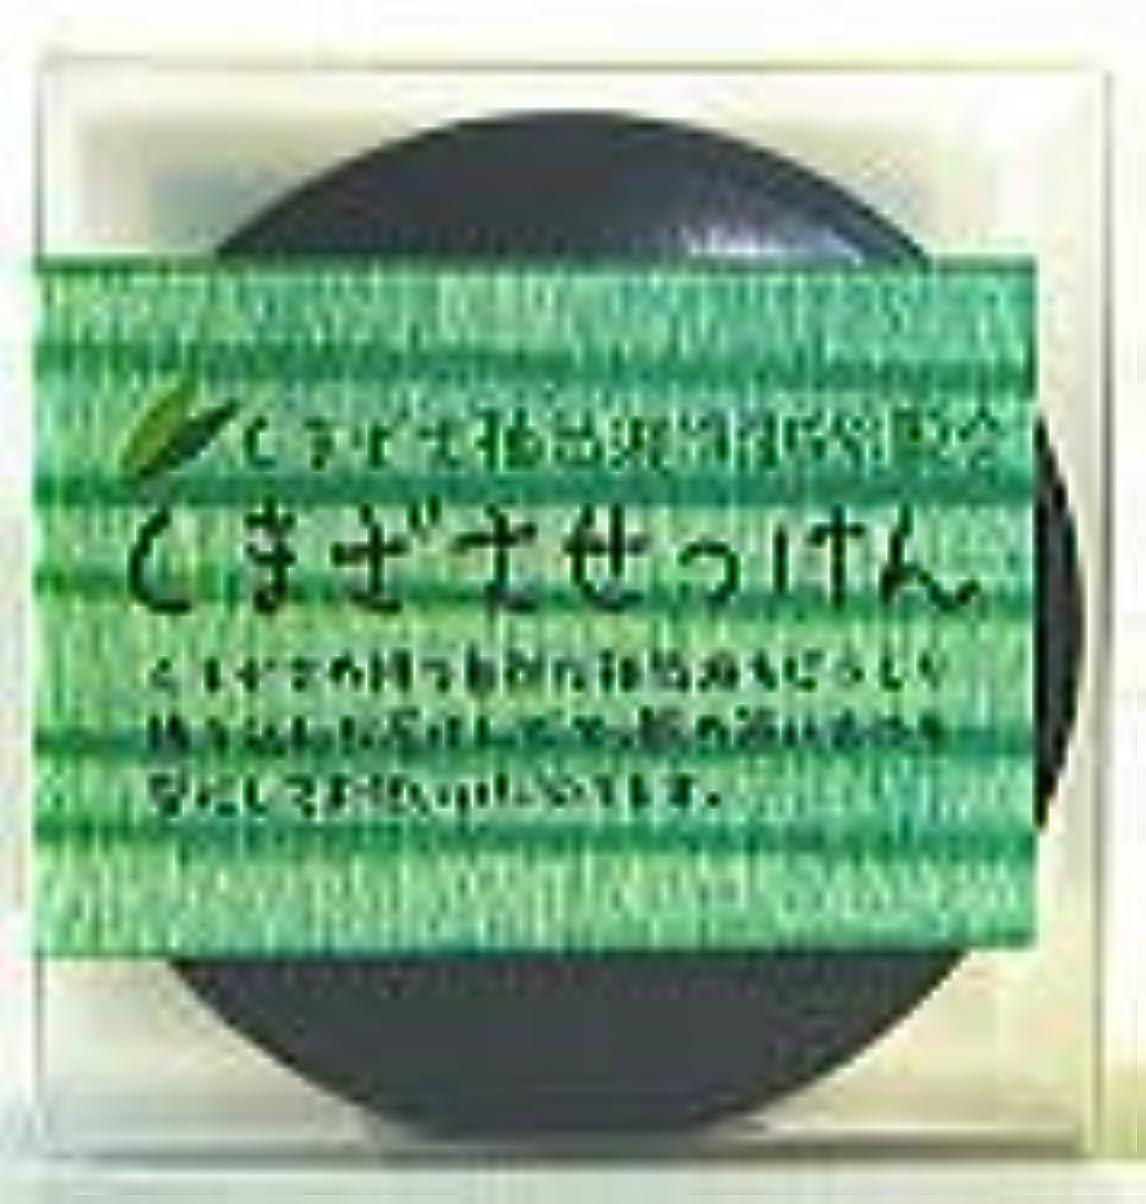 究極の厚くするディスコサンクロン クマザサ石鹸 100g×3